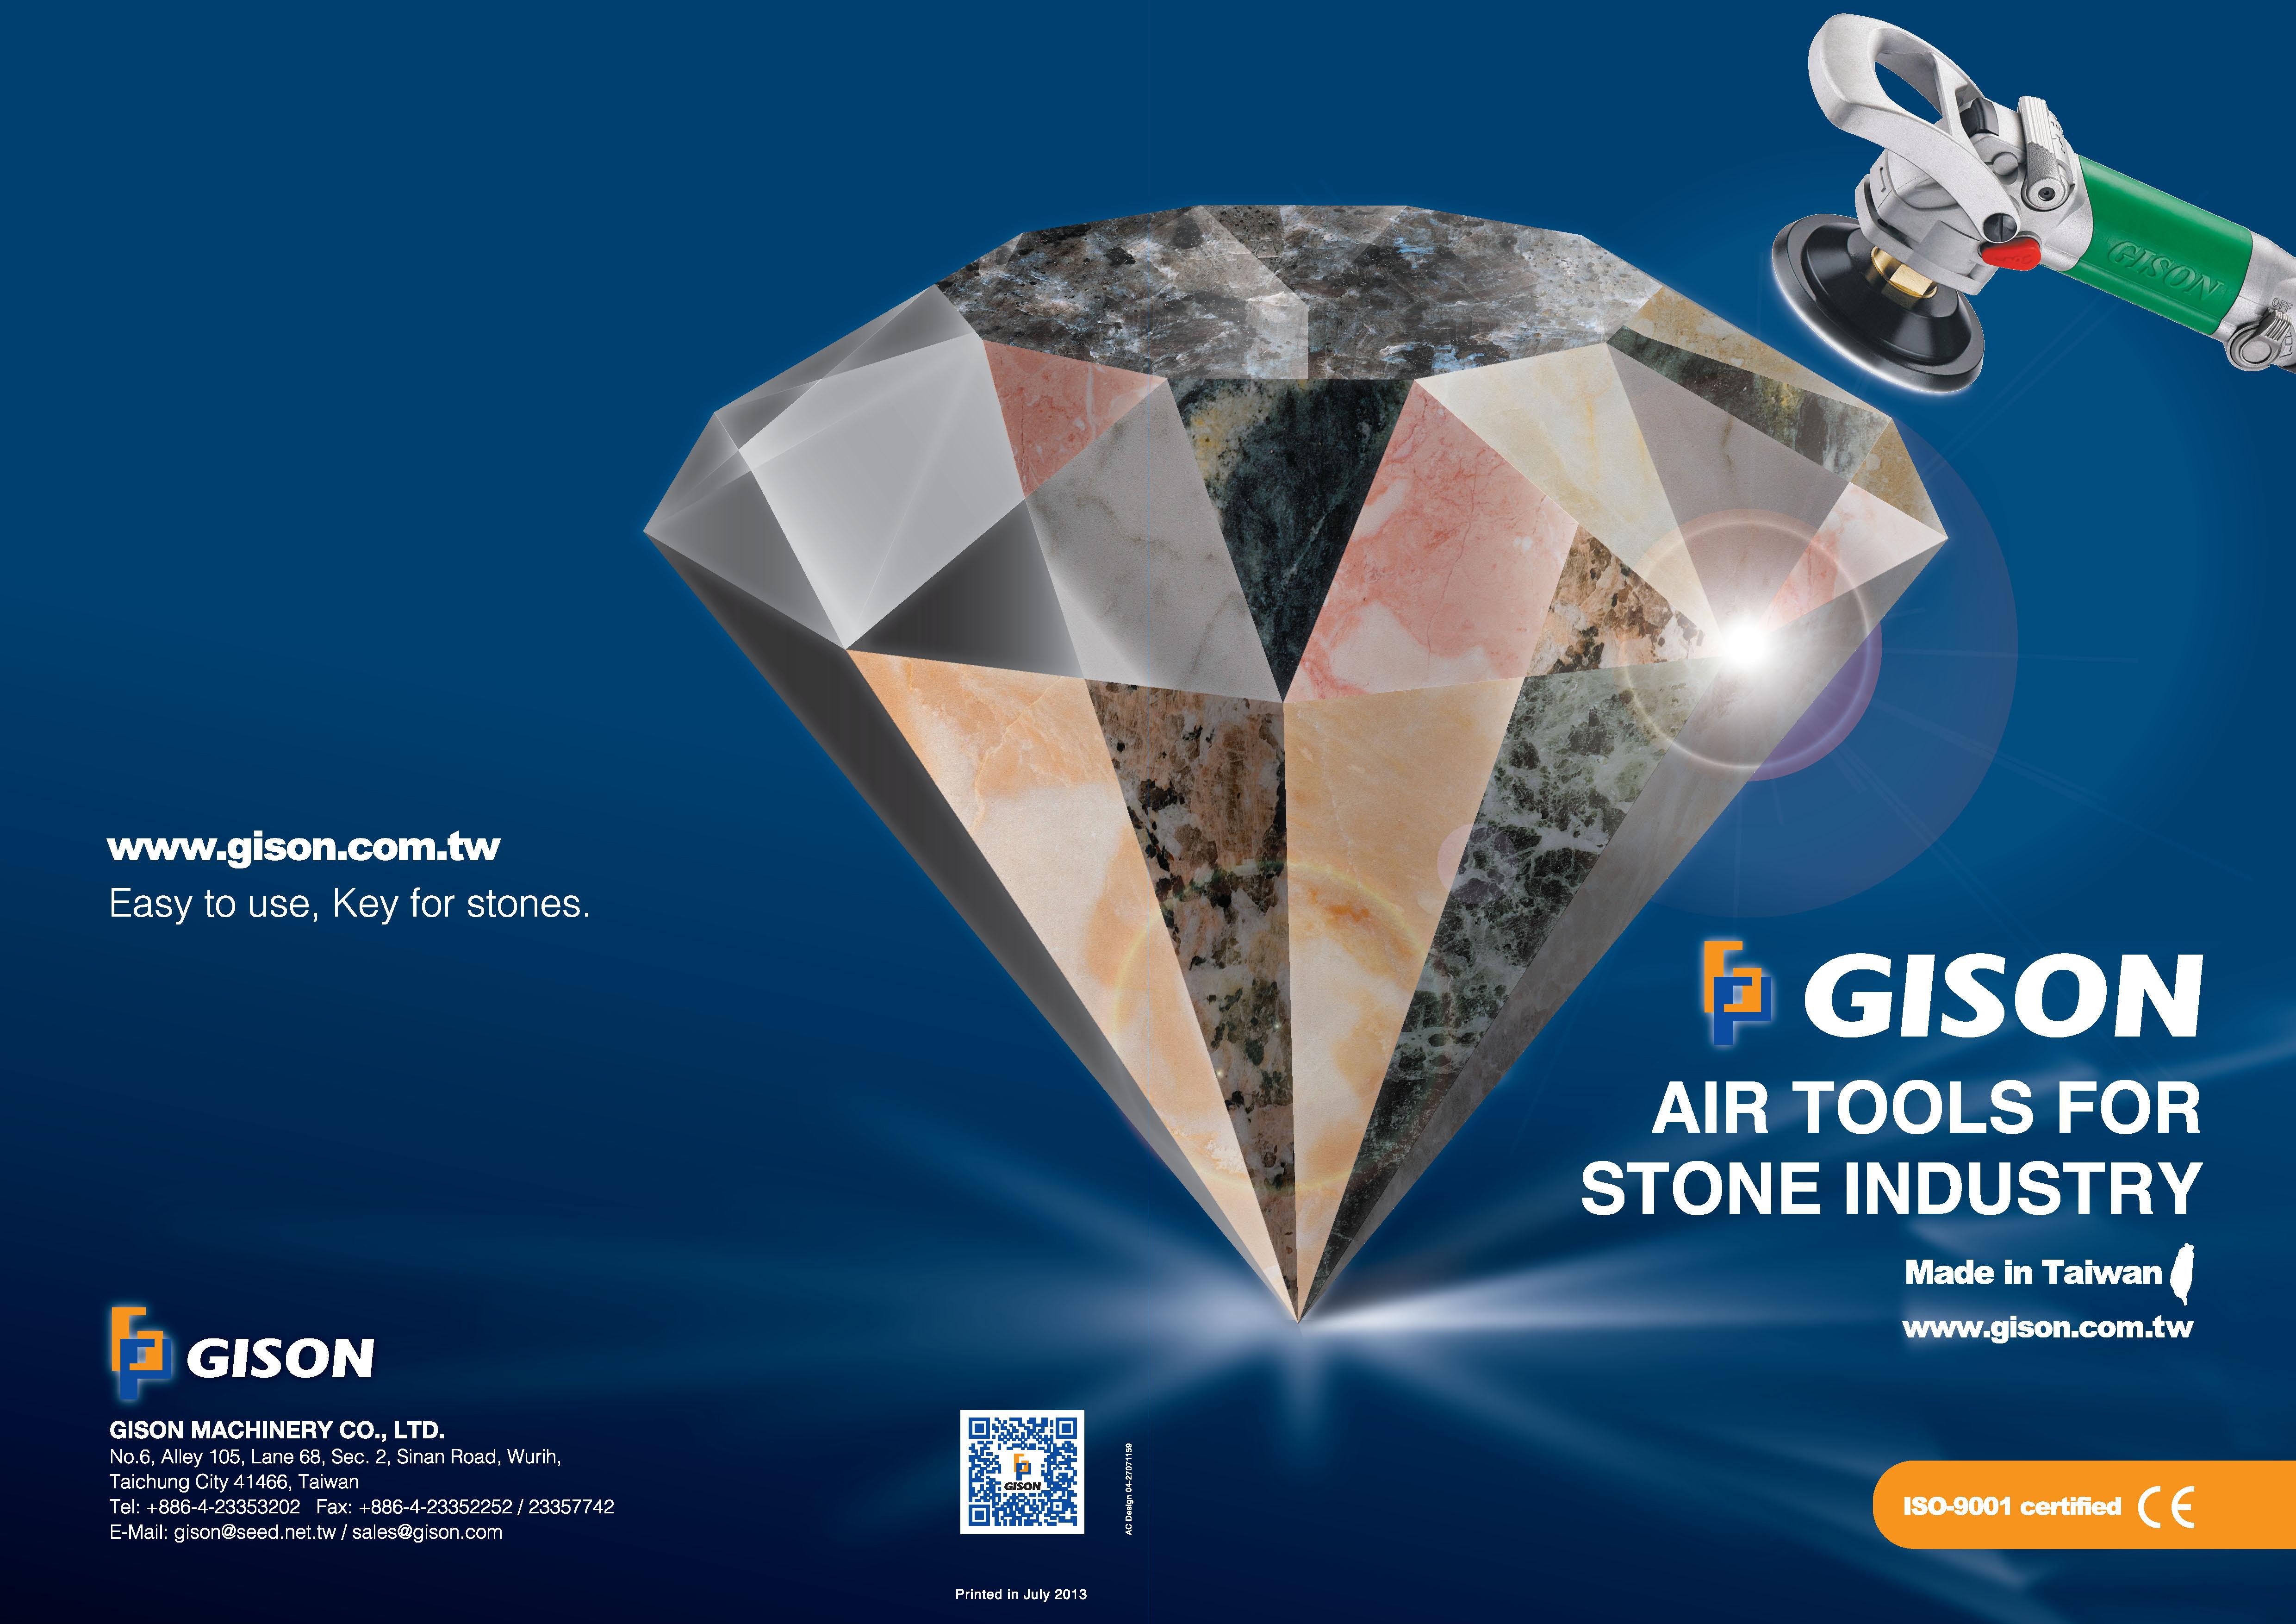 2013-2014 GISON Інструменти для вологого повітря для каталогу з каменю, мармуру, граніту - 2013-2014 GISON Інструменти для вологого повітря для каменю, мармуру, граніту